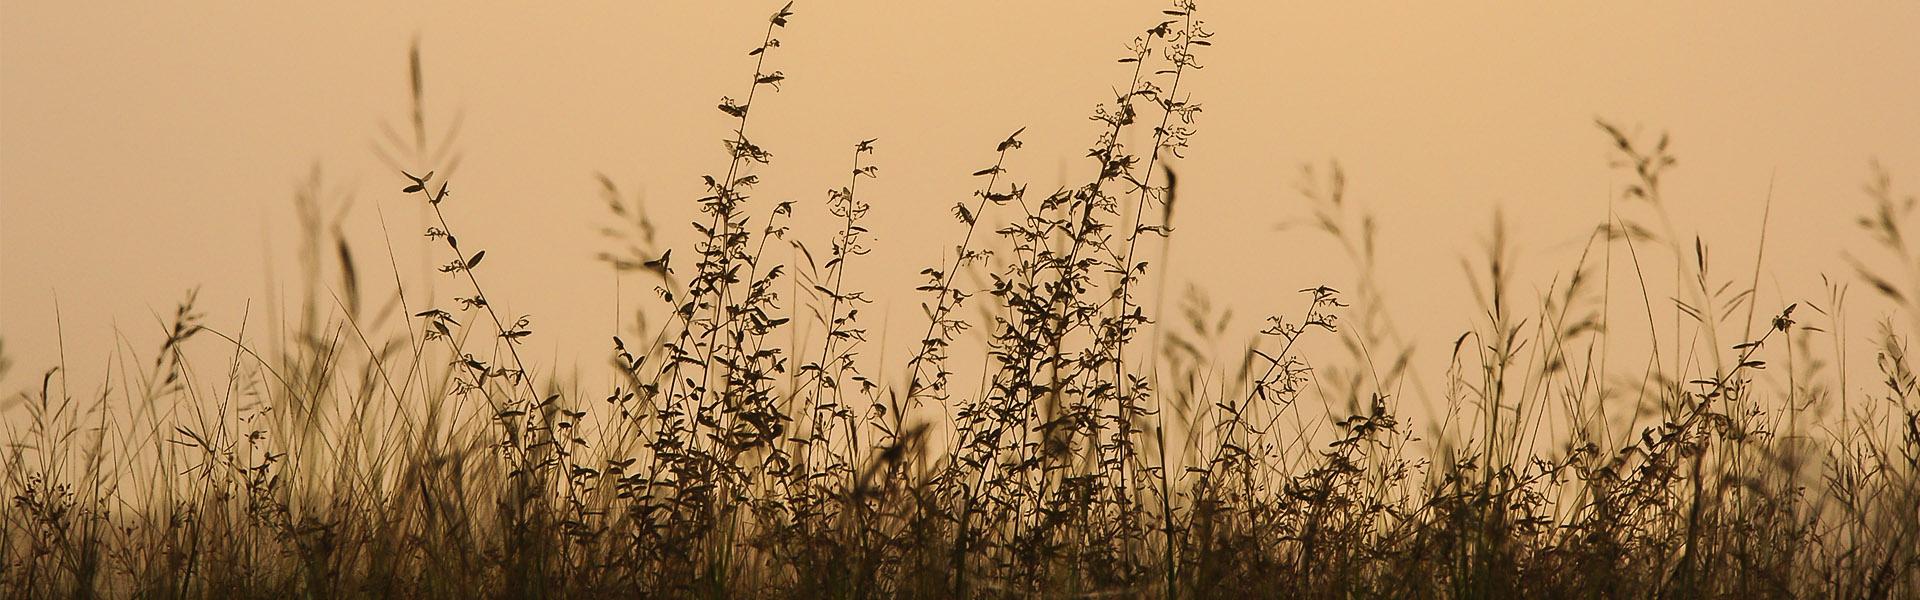 Sträucher, die sich im Wind bewegen mit einem beigen Hintergrund